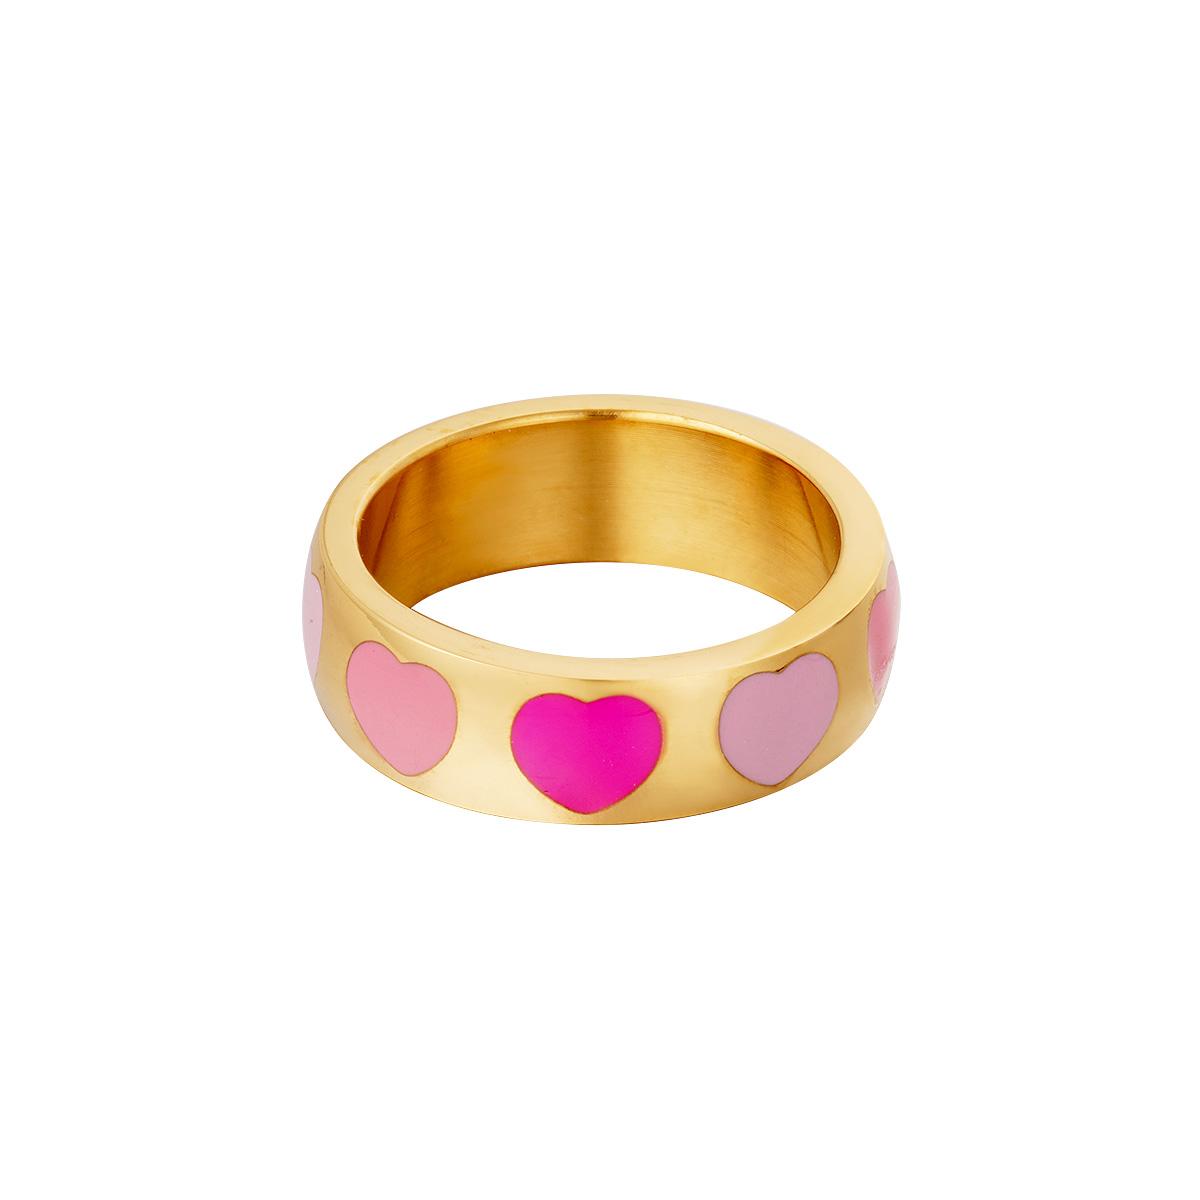 RVS Ring Colorful Hearts gouden ringen met roze fuchsia hartje fashion sieraden kopen bestellen